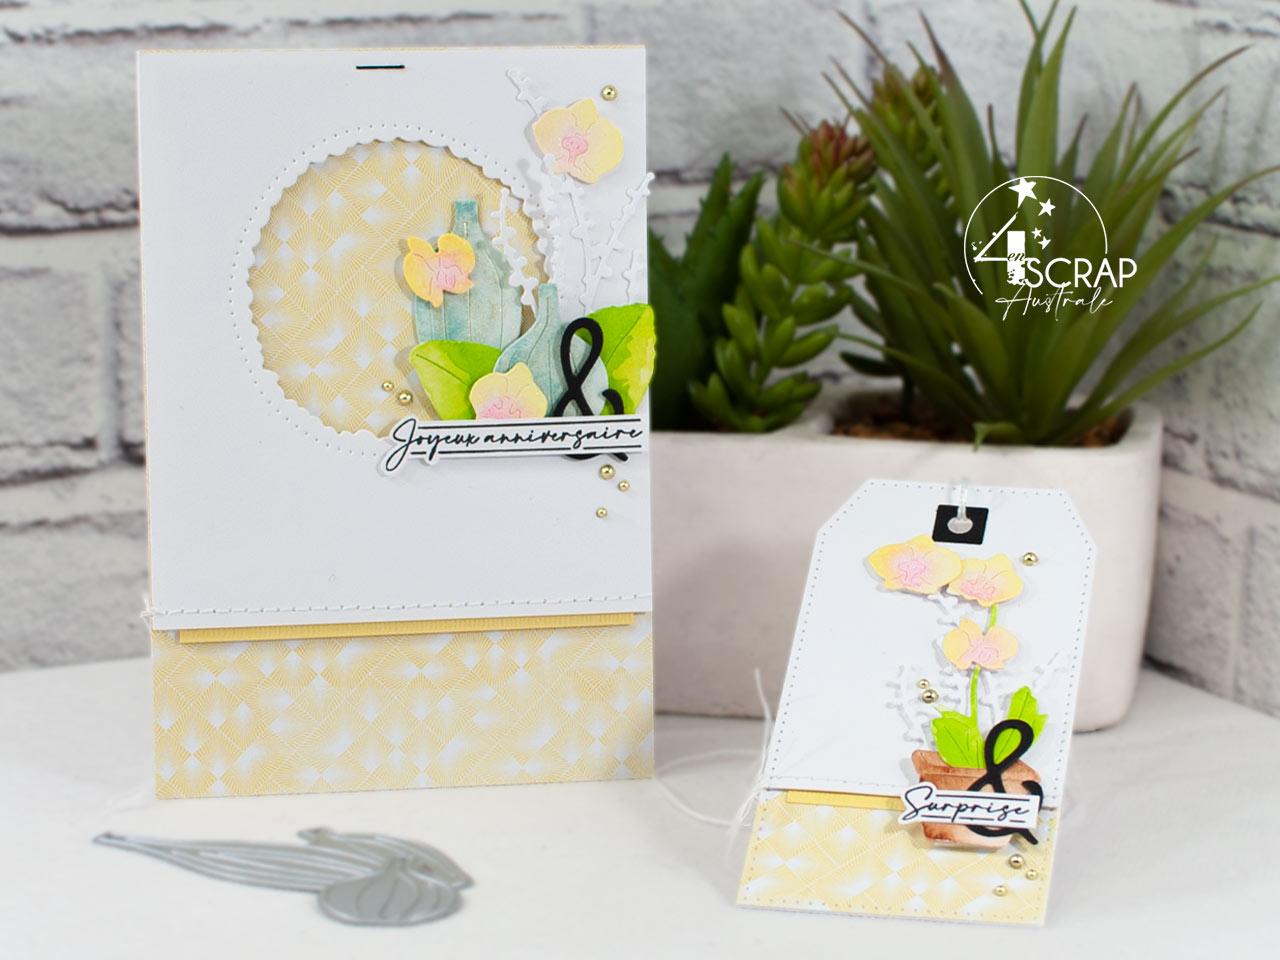 Création d'un duo composé d'une carte et d'une étiquette avec des orchidées à l'aquarelle.